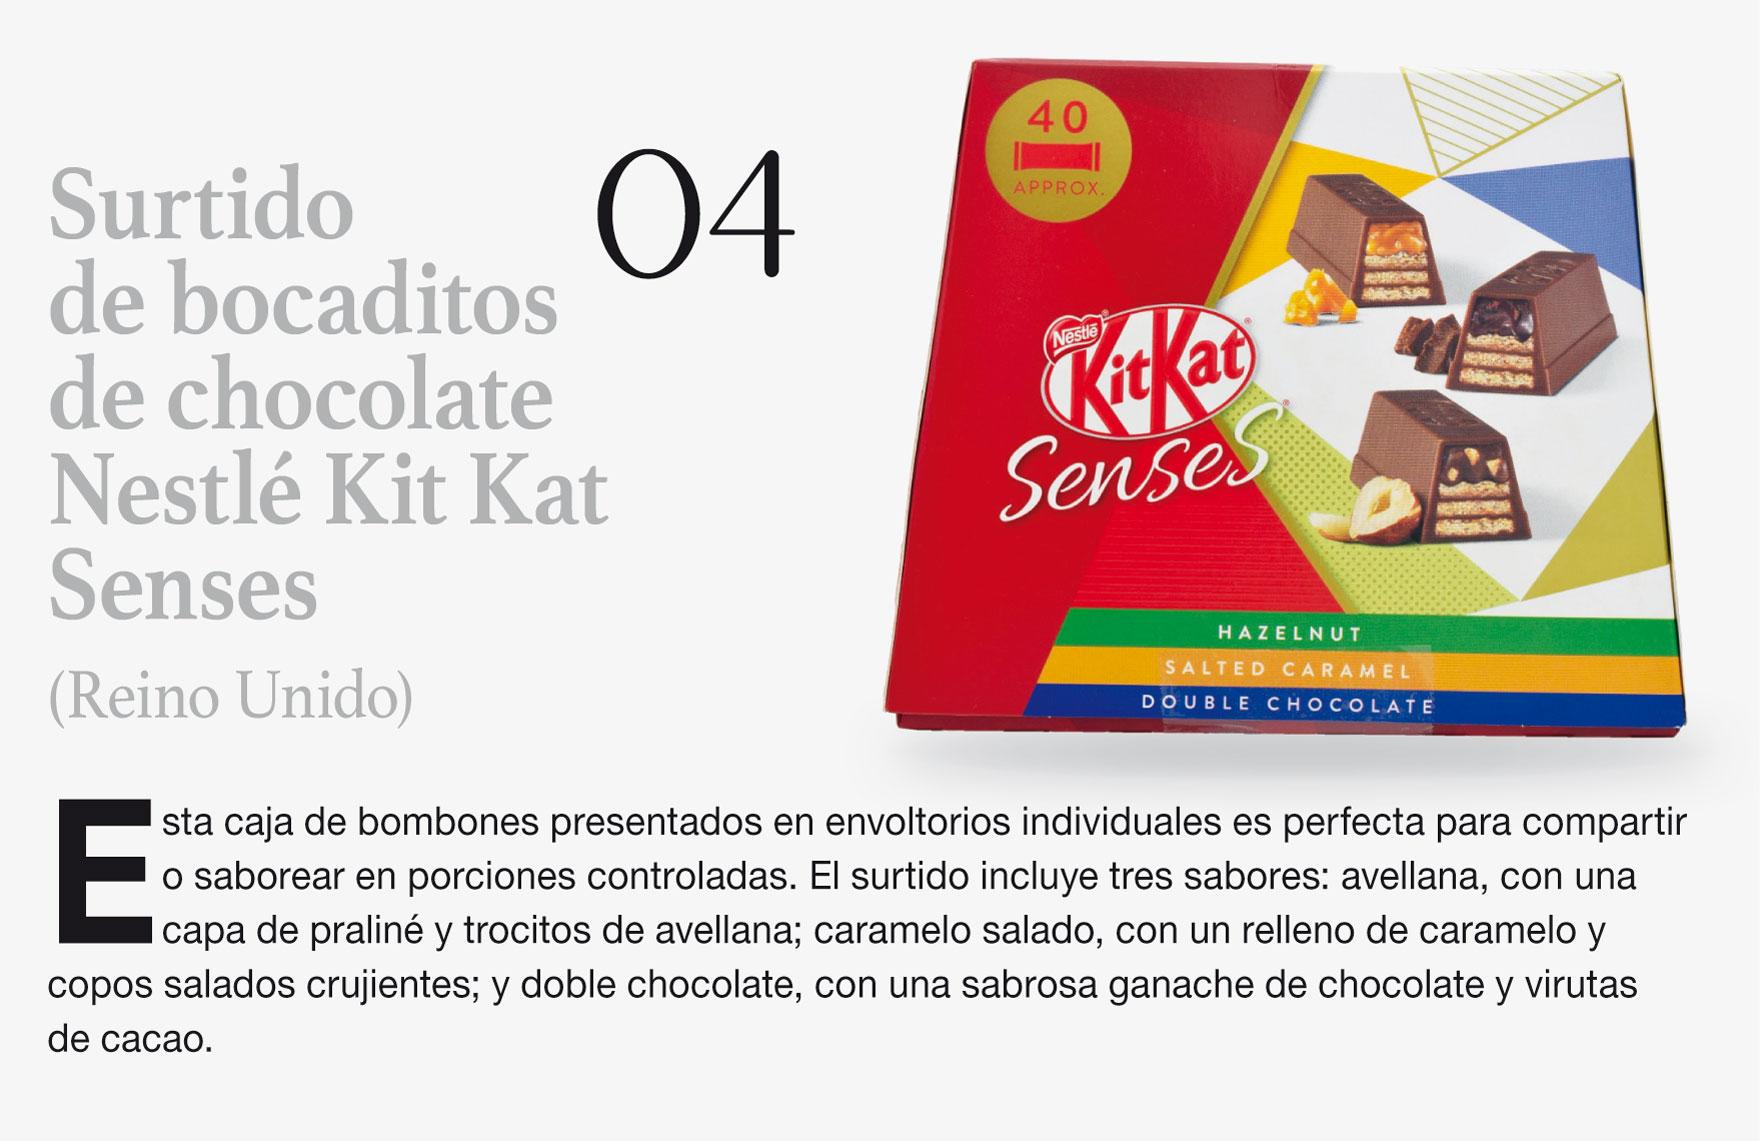 Surtido de bocaditos de chocolate Nestlé Kit Kat Senses (Reino Unido)